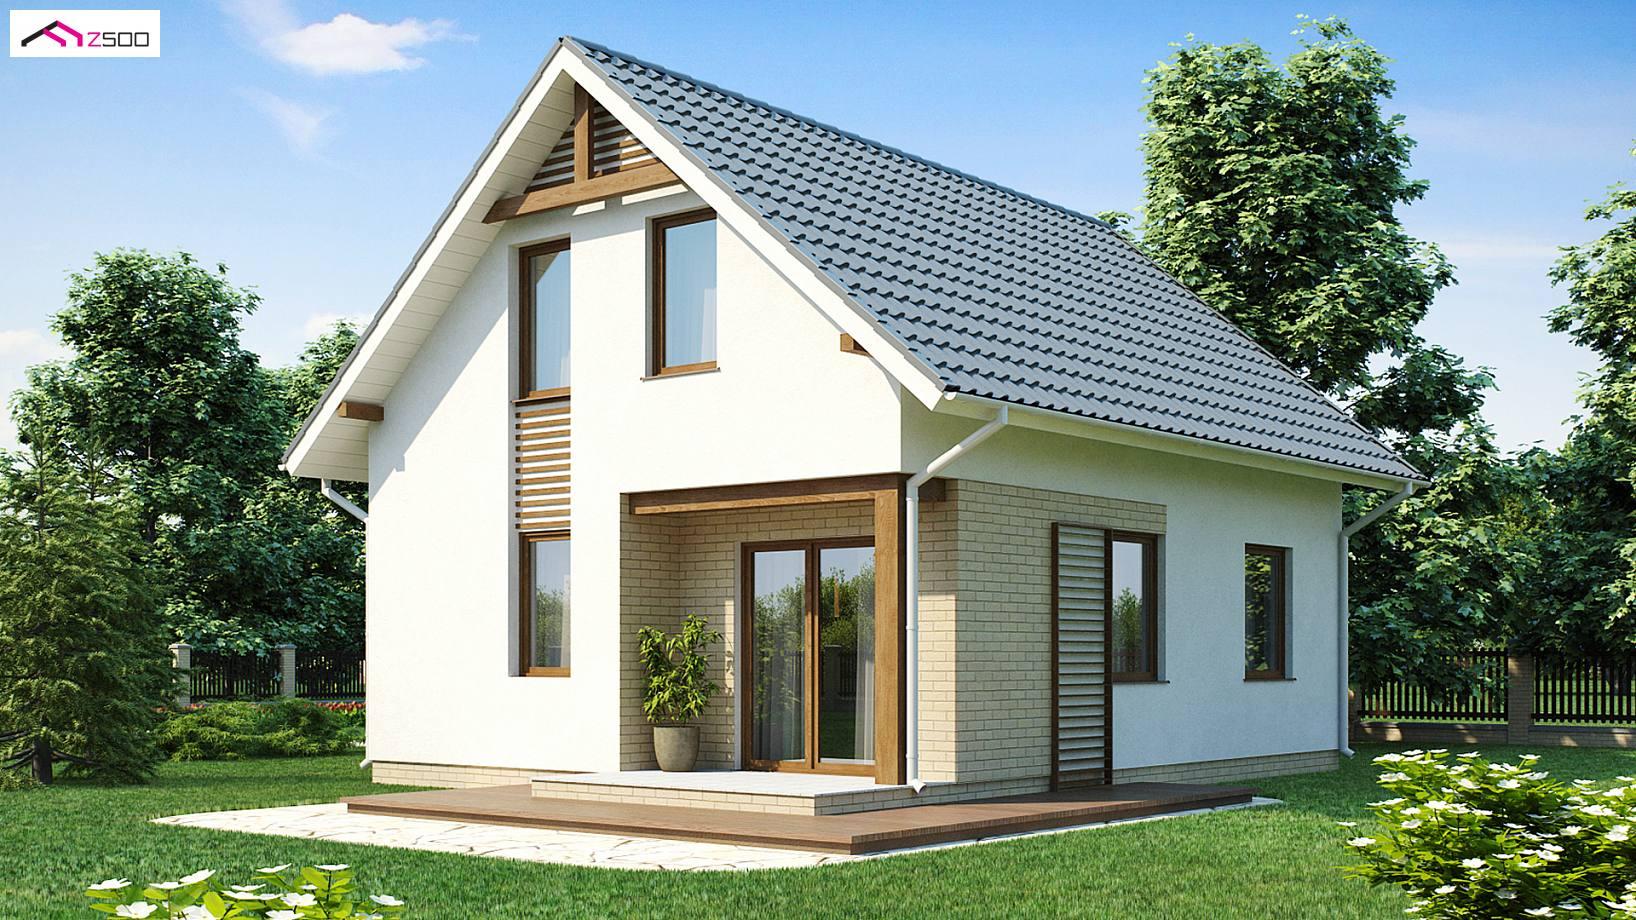 Projekt domu z71 atwy i tani w budowie dom z dachem for Small house design 100 sqm